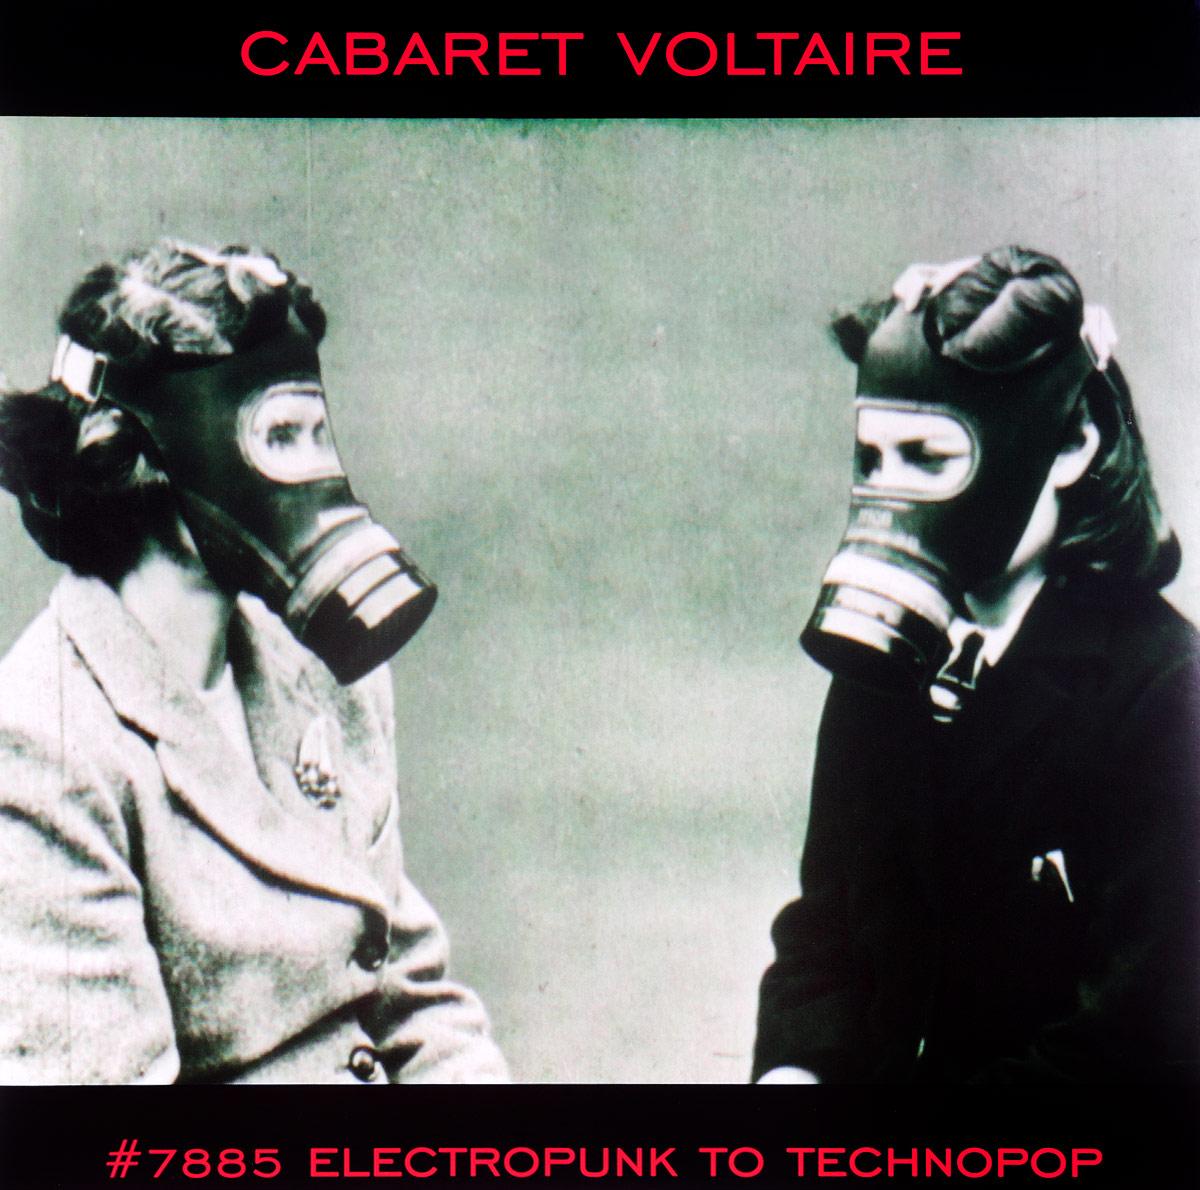 Cabaret Voltaire Cabaret Voltaire. #7885 (Electropunk To Technopop 1978 – 1985) (2 LP)